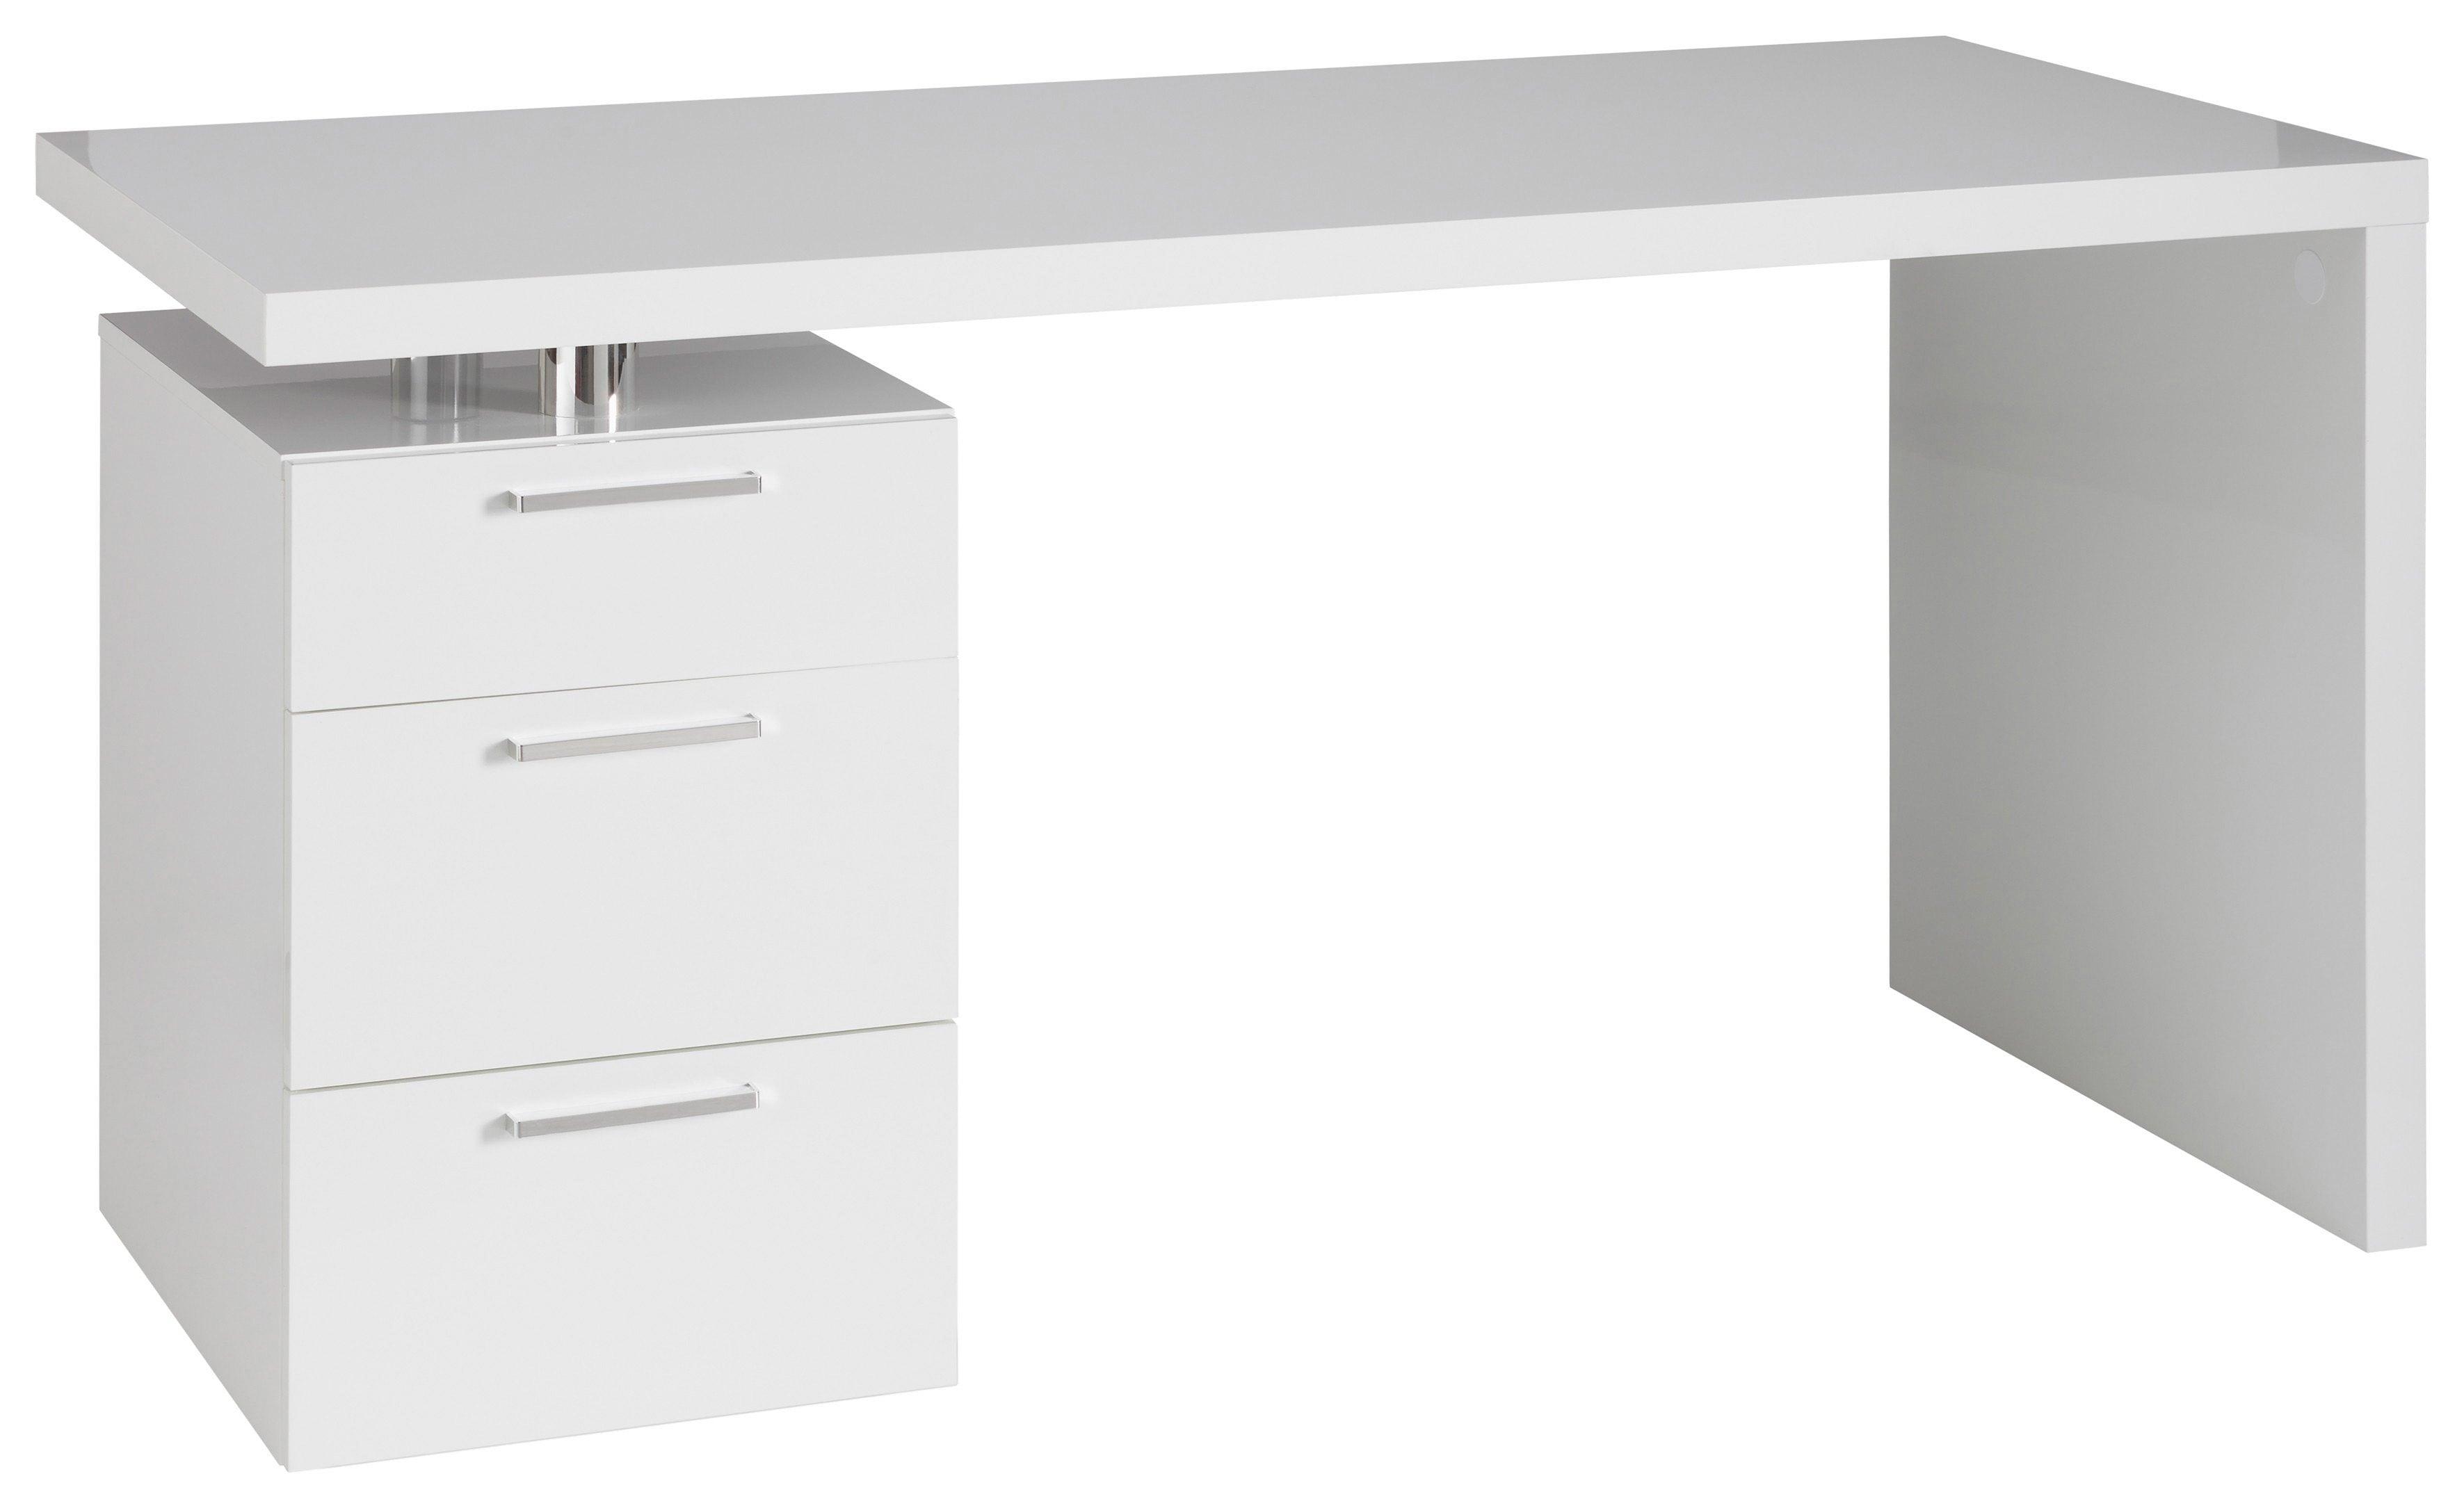 HMW Schreibtisch Match Wohnen/Möbel/Tische/Holztische/Holz-Schreibtische